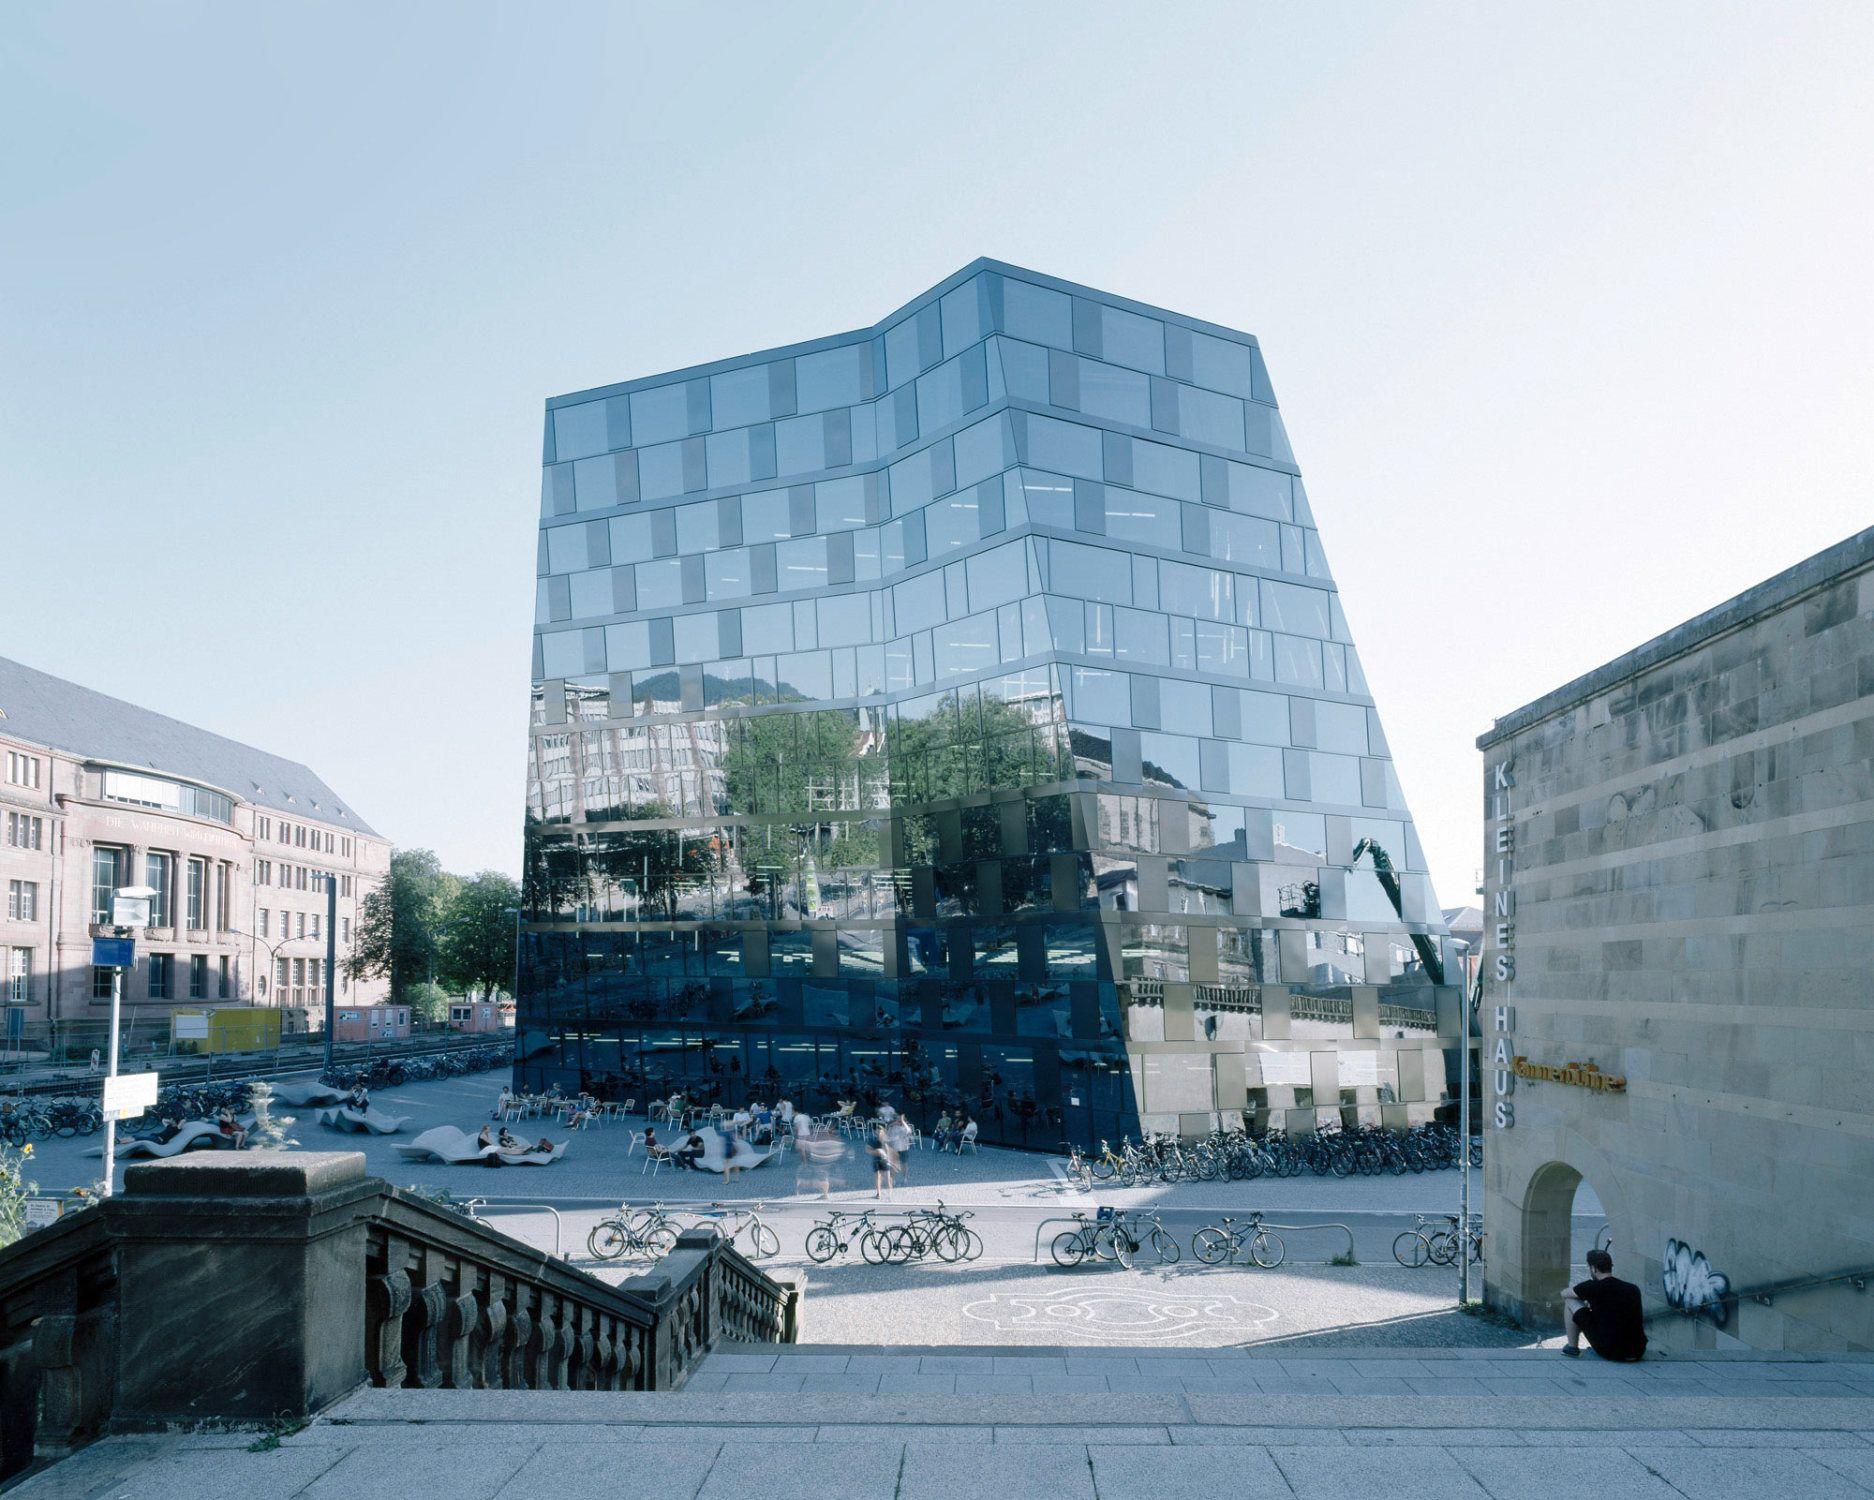 diamanten schleifen in freiburg unibibliothek von degelo architekten umgebaut l xxl pinterest. Black Bedroom Furniture Sets. Home Design Ideas